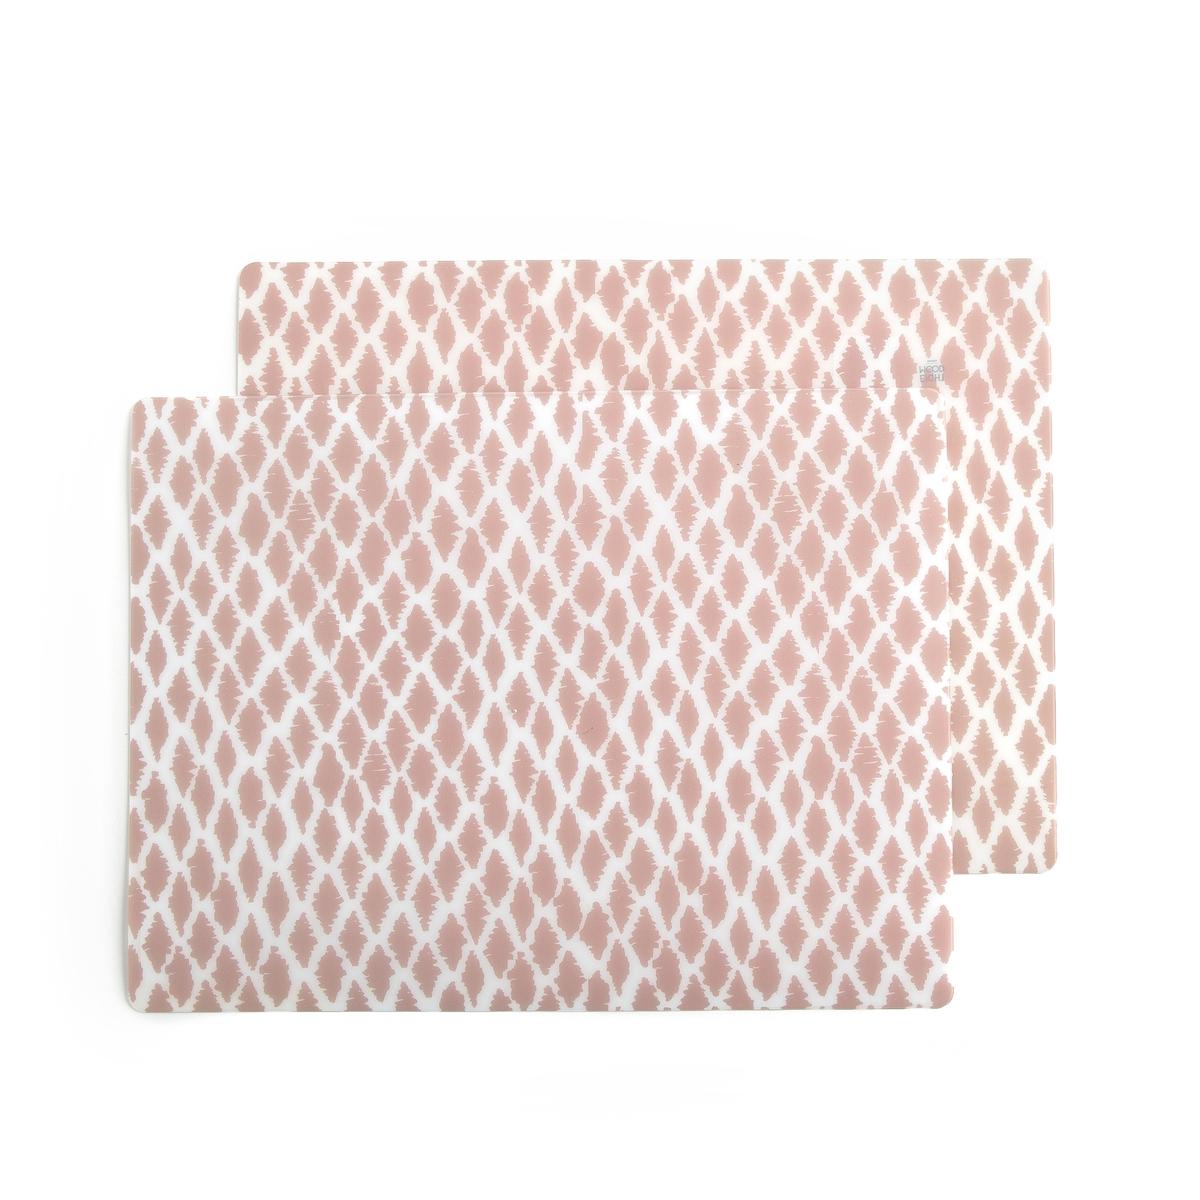 2 подложки под столовые приборы с рисунком IRMIAОписание:2 подложки под столовые приборы с рисунком Irma .Описание подложек под столовые приборы Irmia :Комплект из 2 подложек под столовые приборы.Розово-белый рисунок в скандинавском стиле .   Всю коллекцию Вы можете найти на сайте laredoute.ruРазмеры подложек под столовые приборы Irmia  :30 x 40 см<br><br>Цвет: рисунок светло-розовый